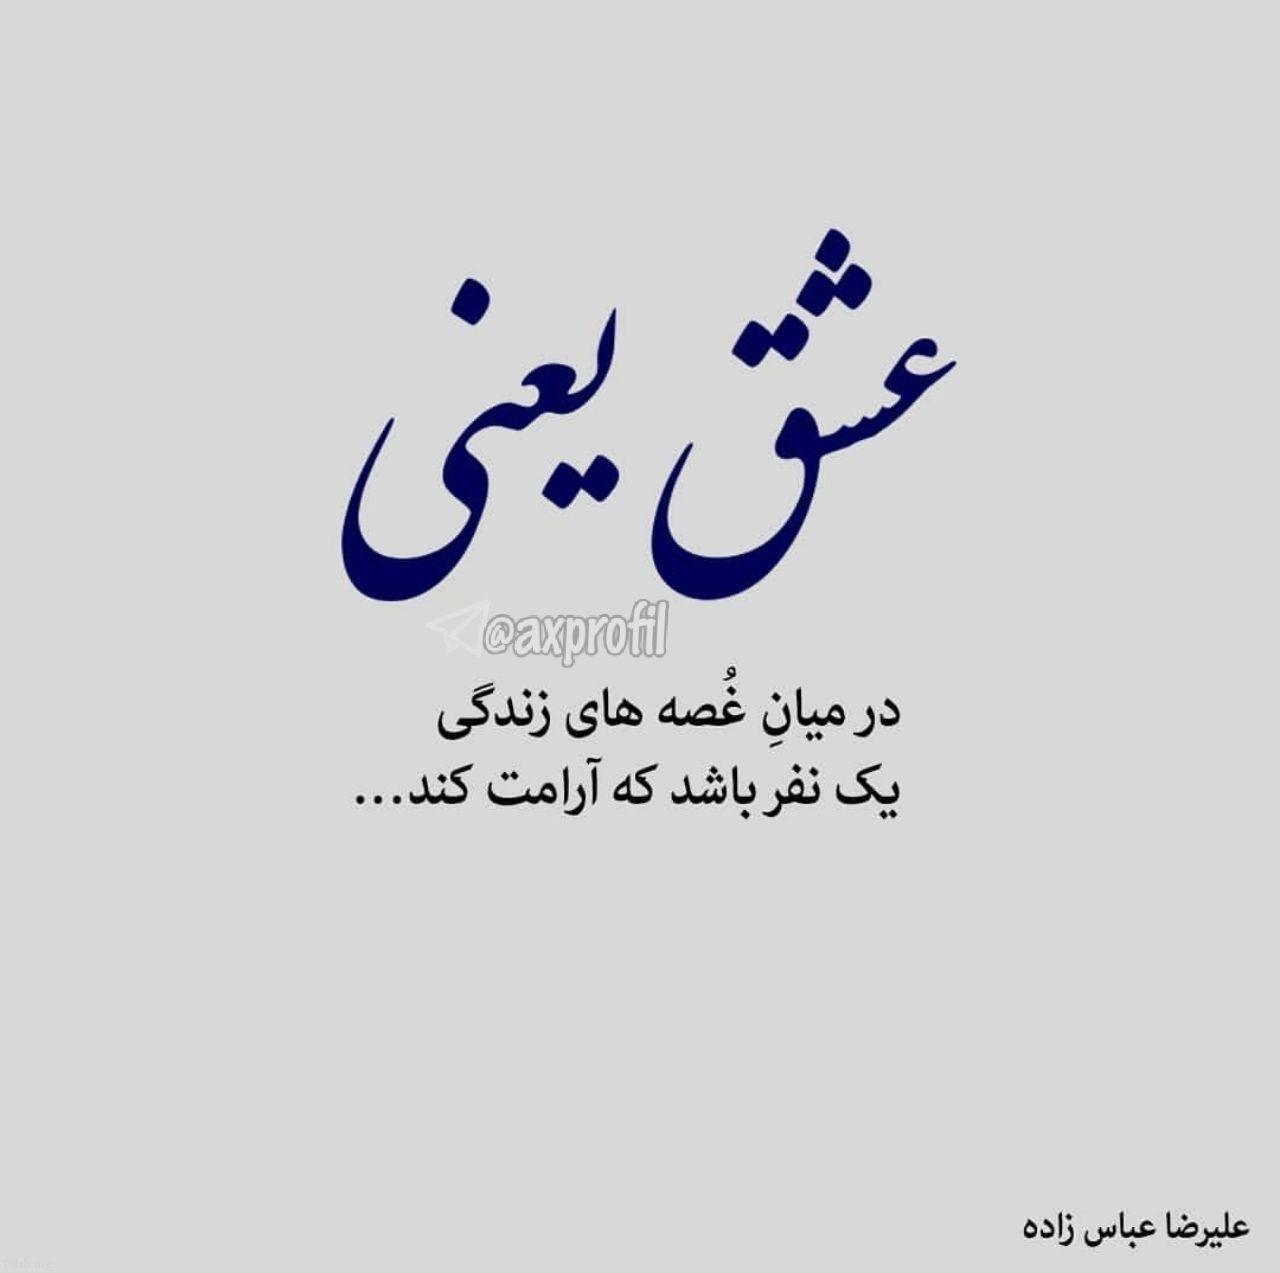 متن زیبا برای کپشن اینستاگرام (کپشن زیبا و عاشقانه)